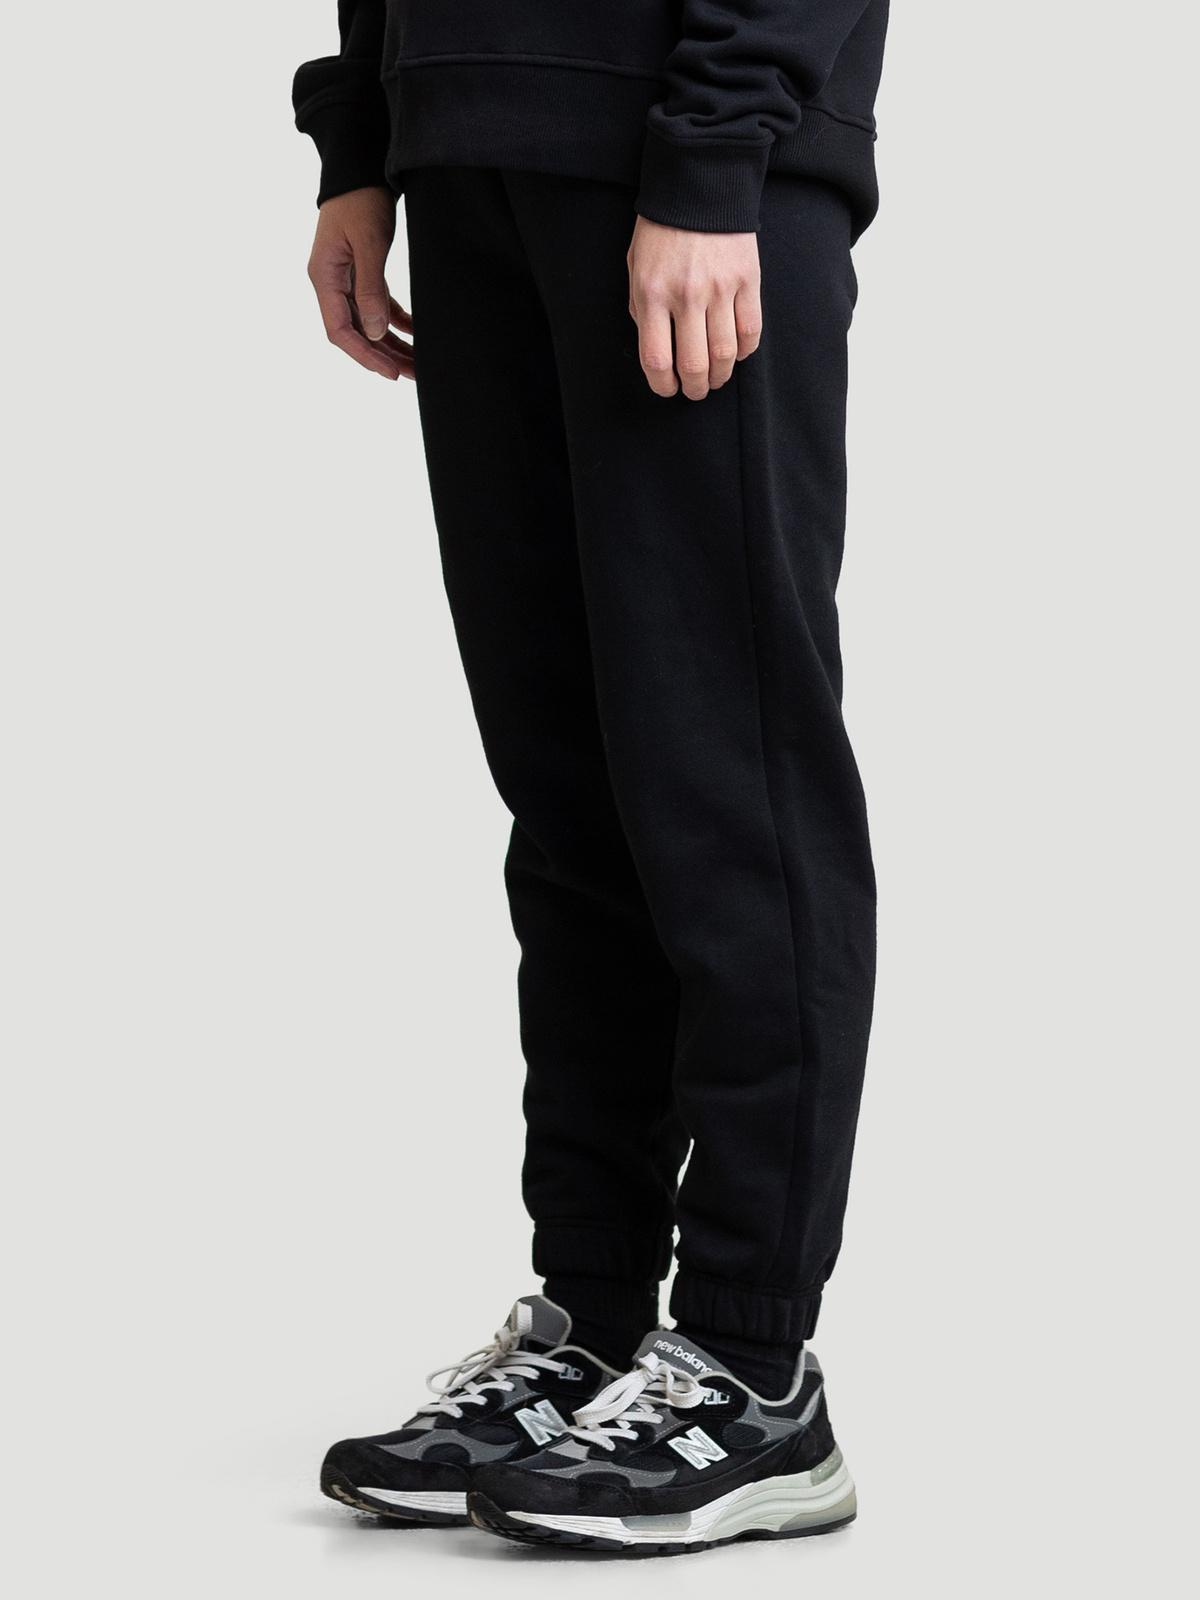 Hanger Trousers Black 8